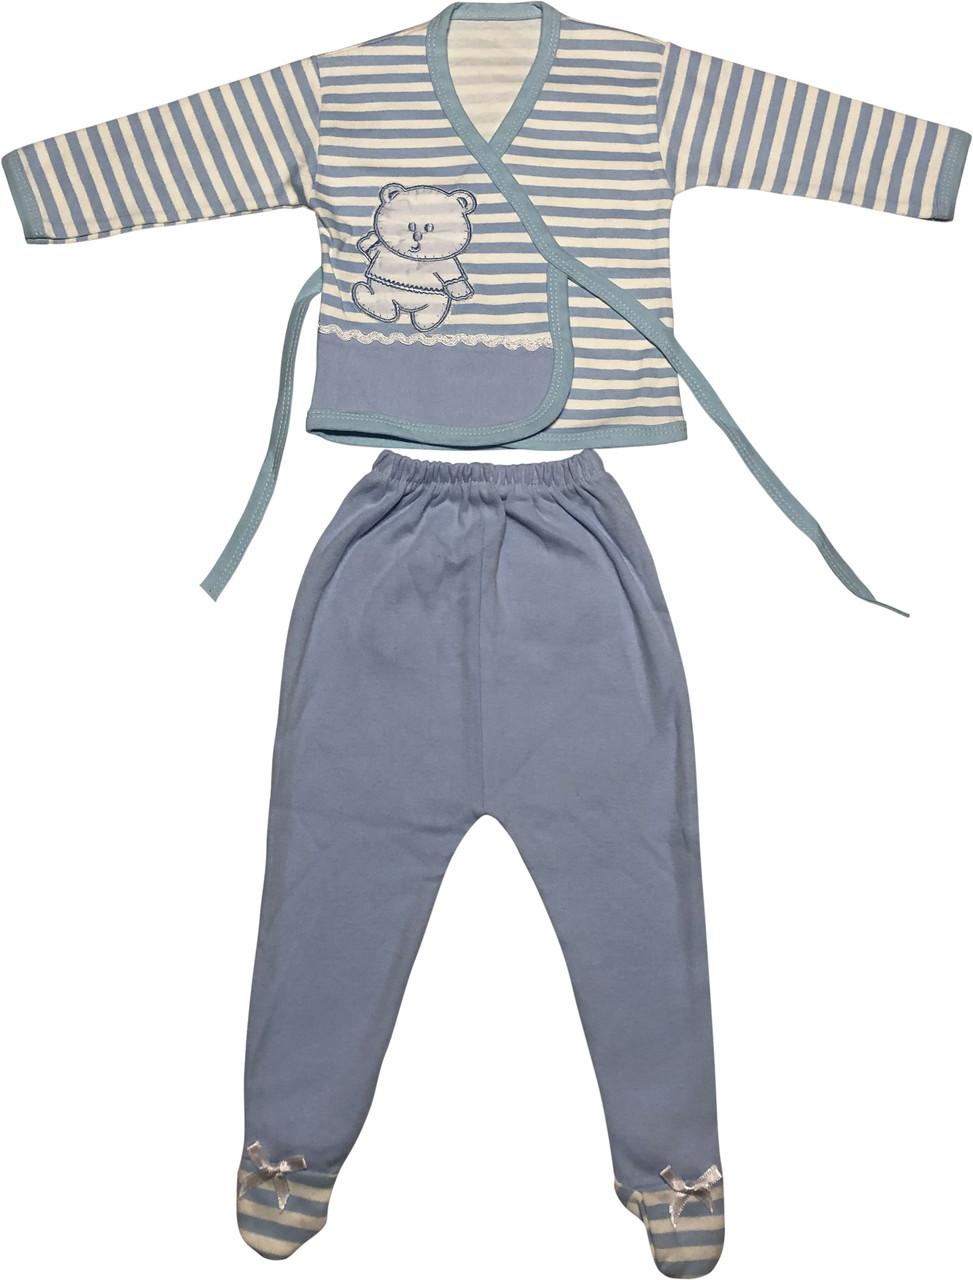 Детский костюм рост 68 3-6 мес трикотажный голубой костюмчик на мальчика комплект для новорожденных малышей ТН153